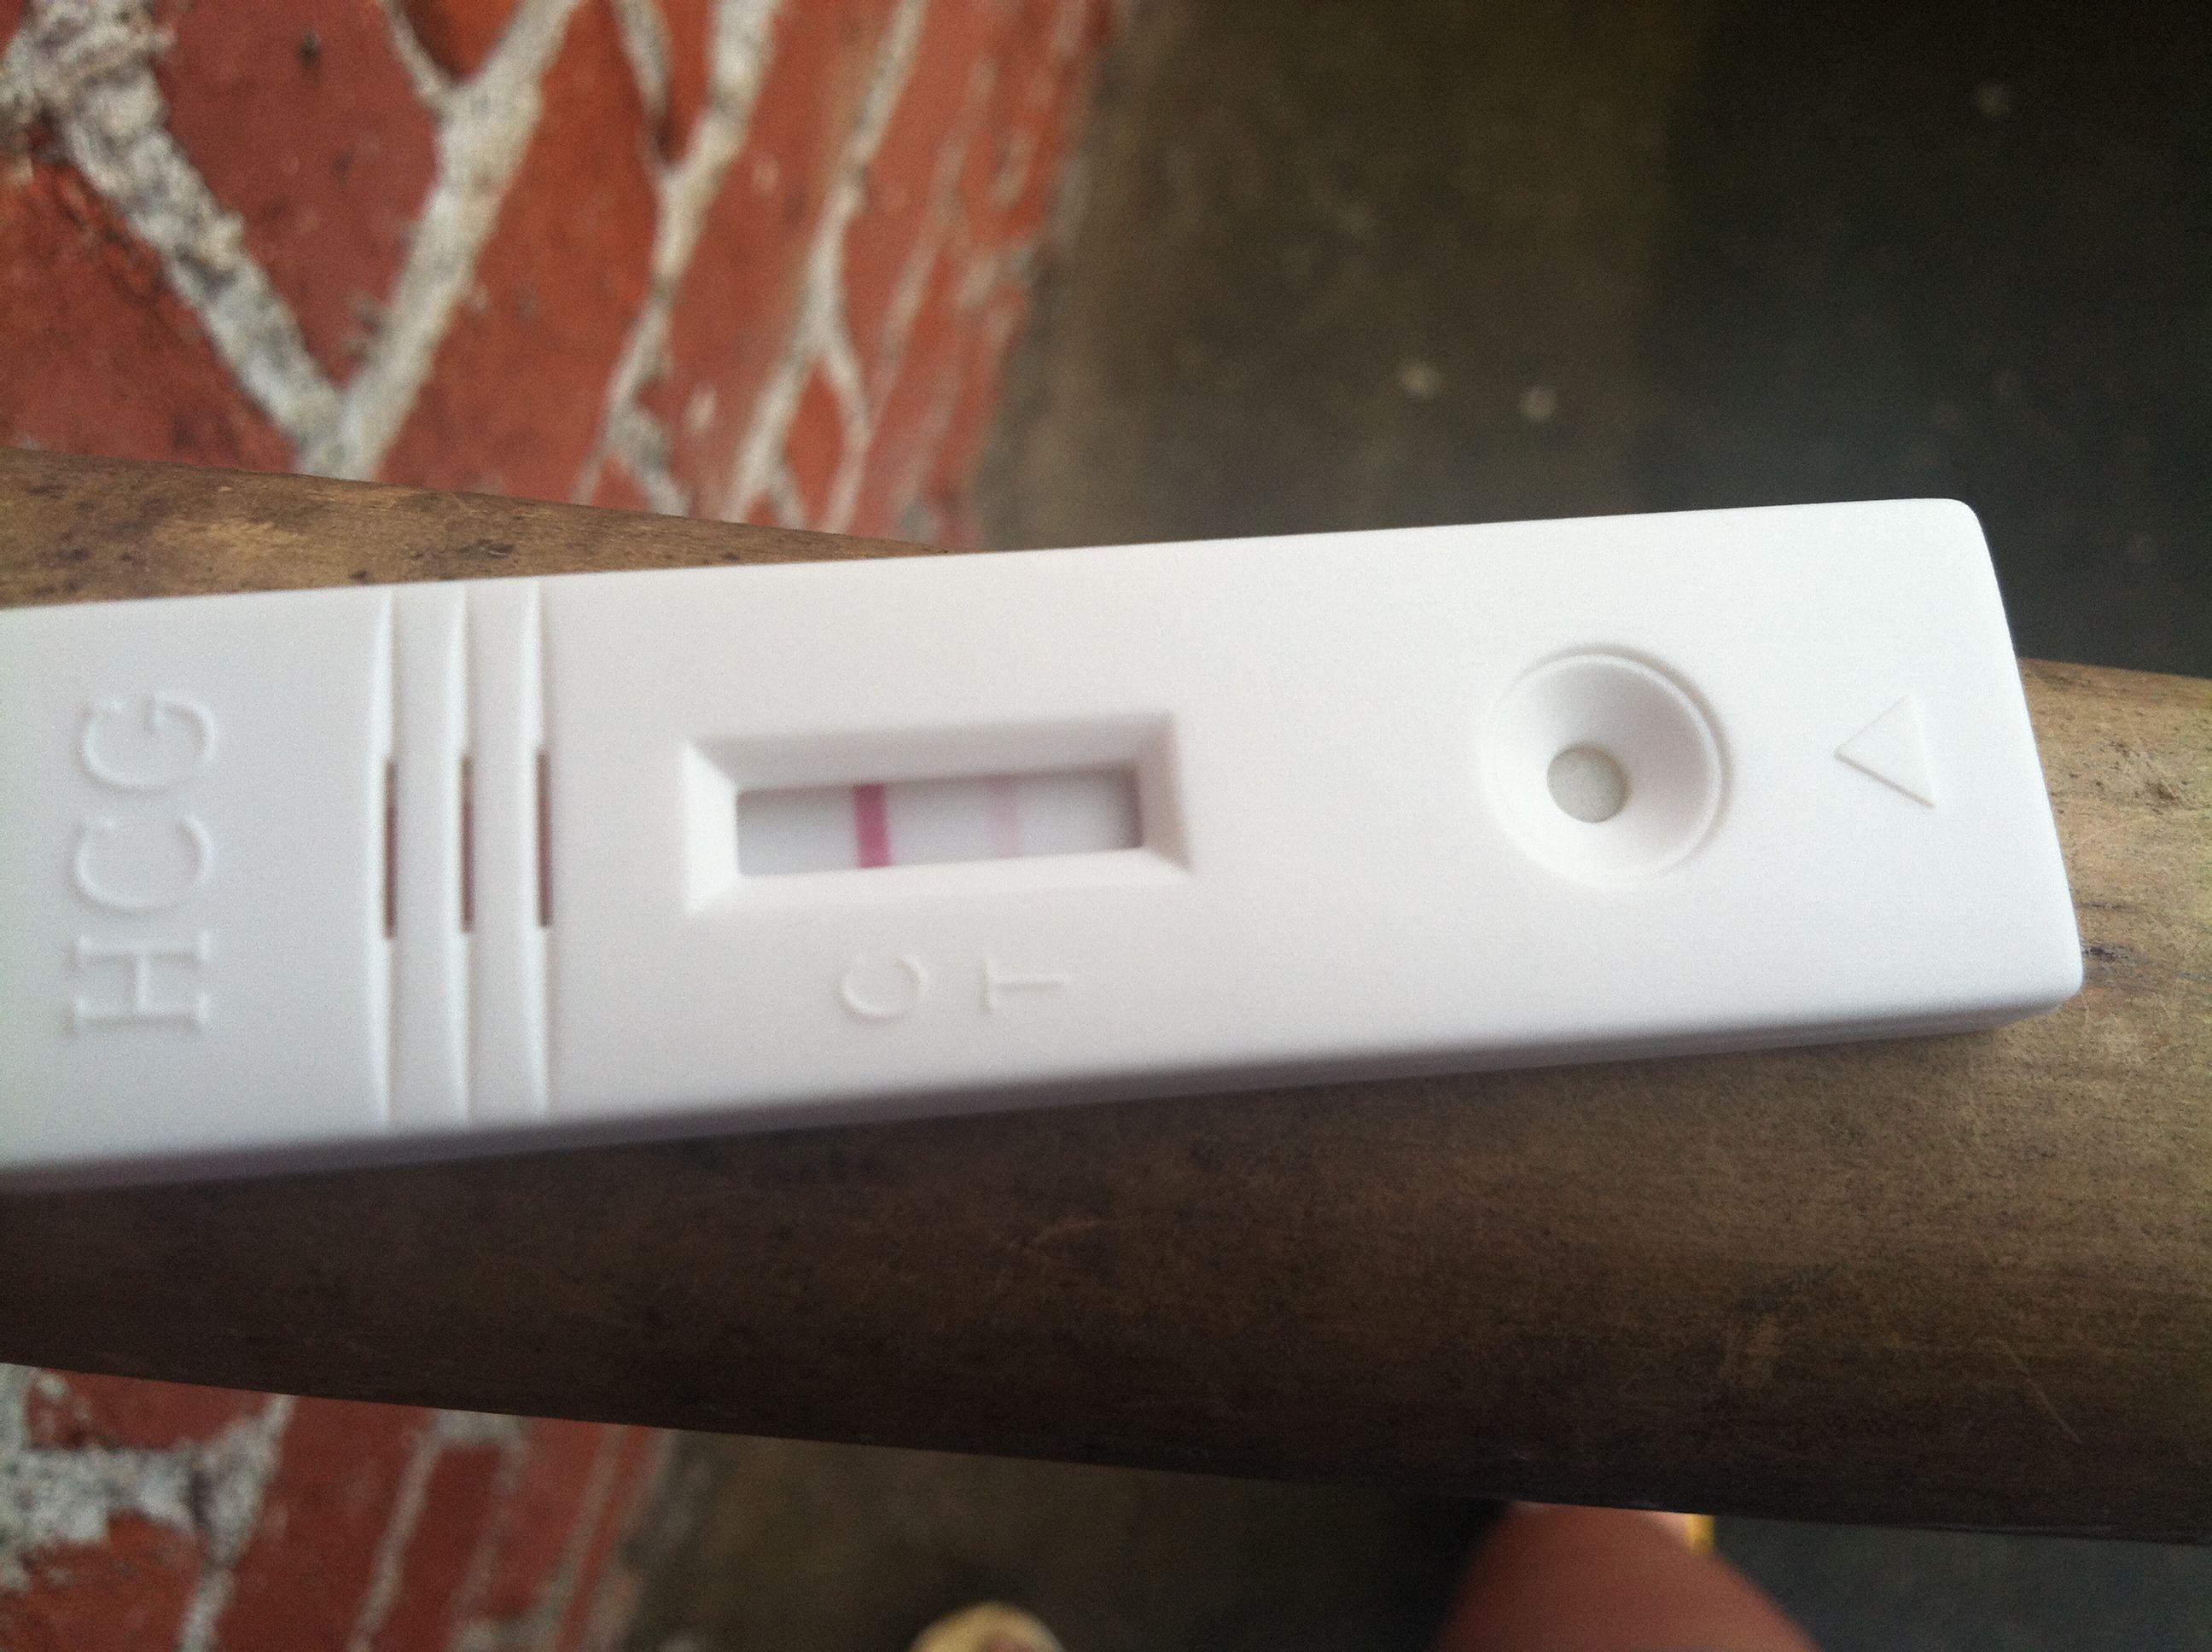 验孕棒如何使用图解-验孕棒怎么验孕,笔型验孕棒怎么用图解,验孕棒如何使用视频,验孕棒结果怎么看图解